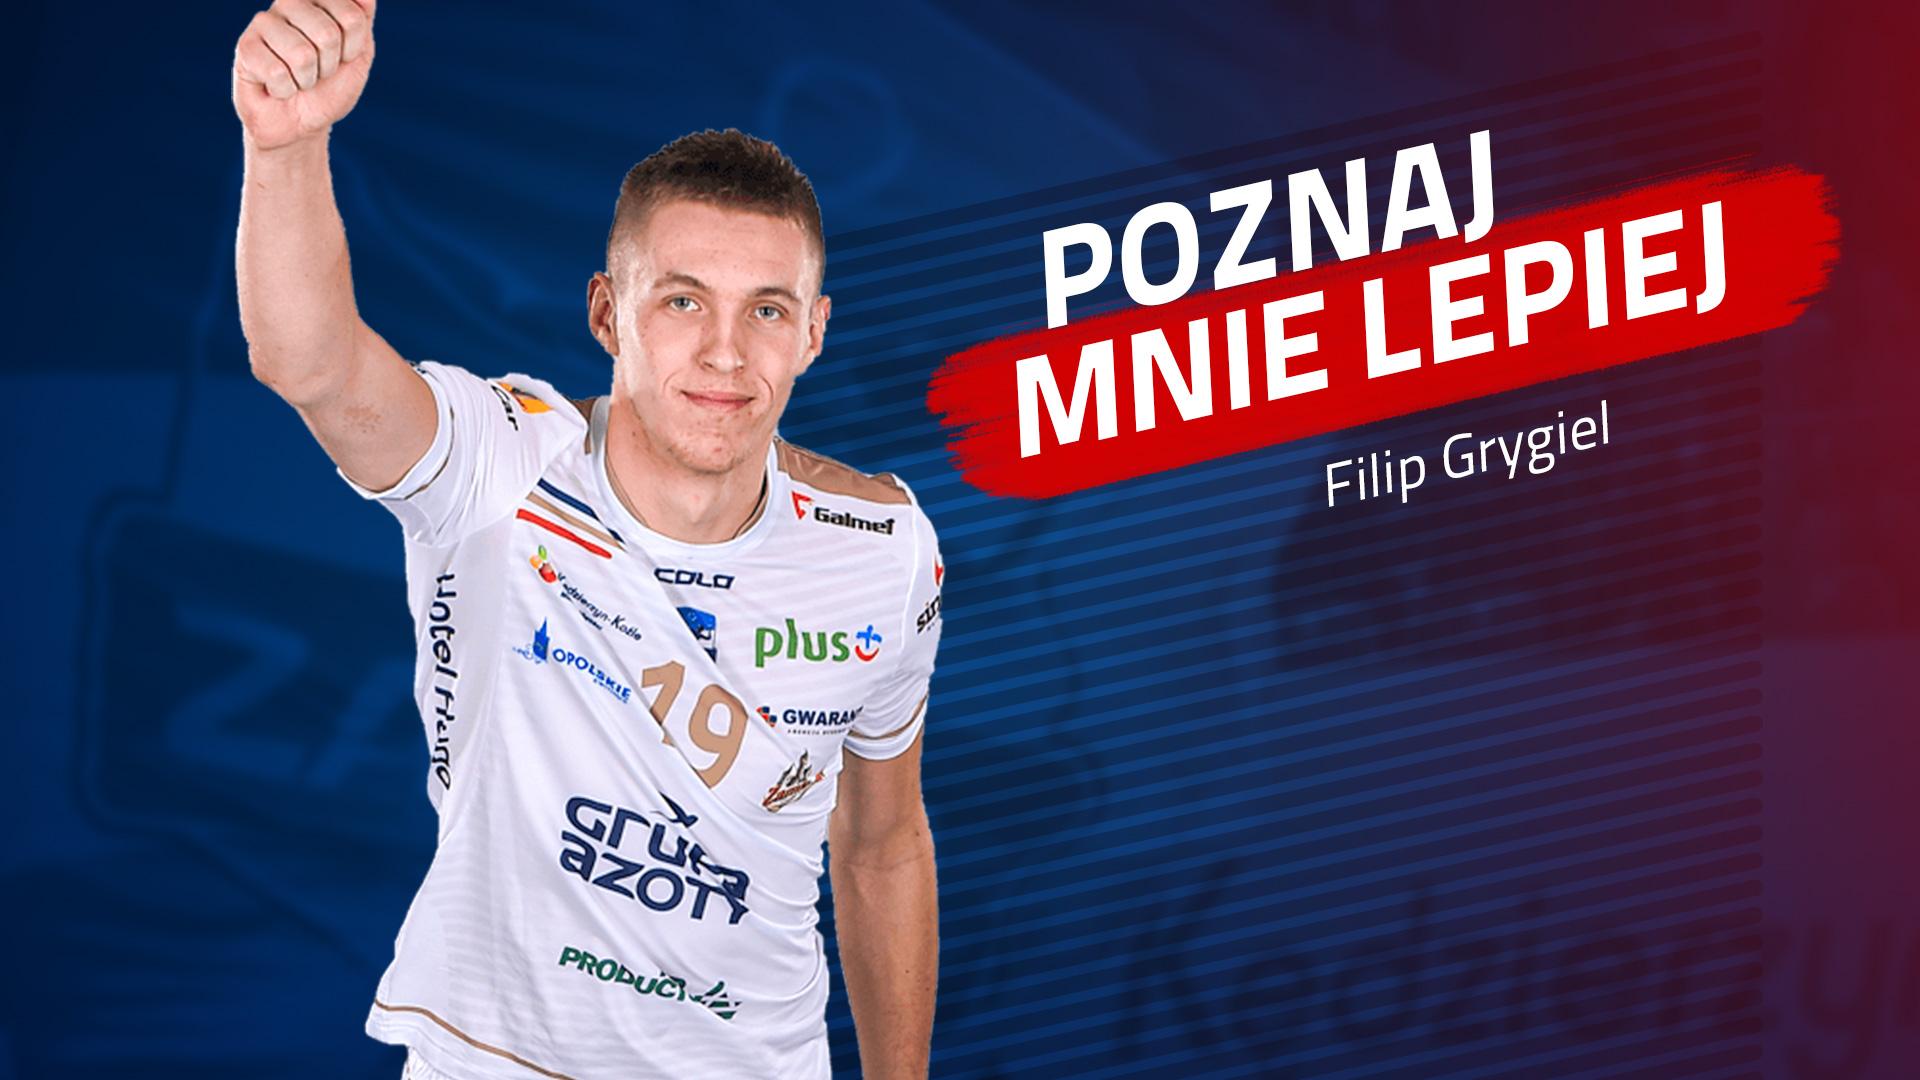 Poznaj mnie lepiej: Filip Grygiel